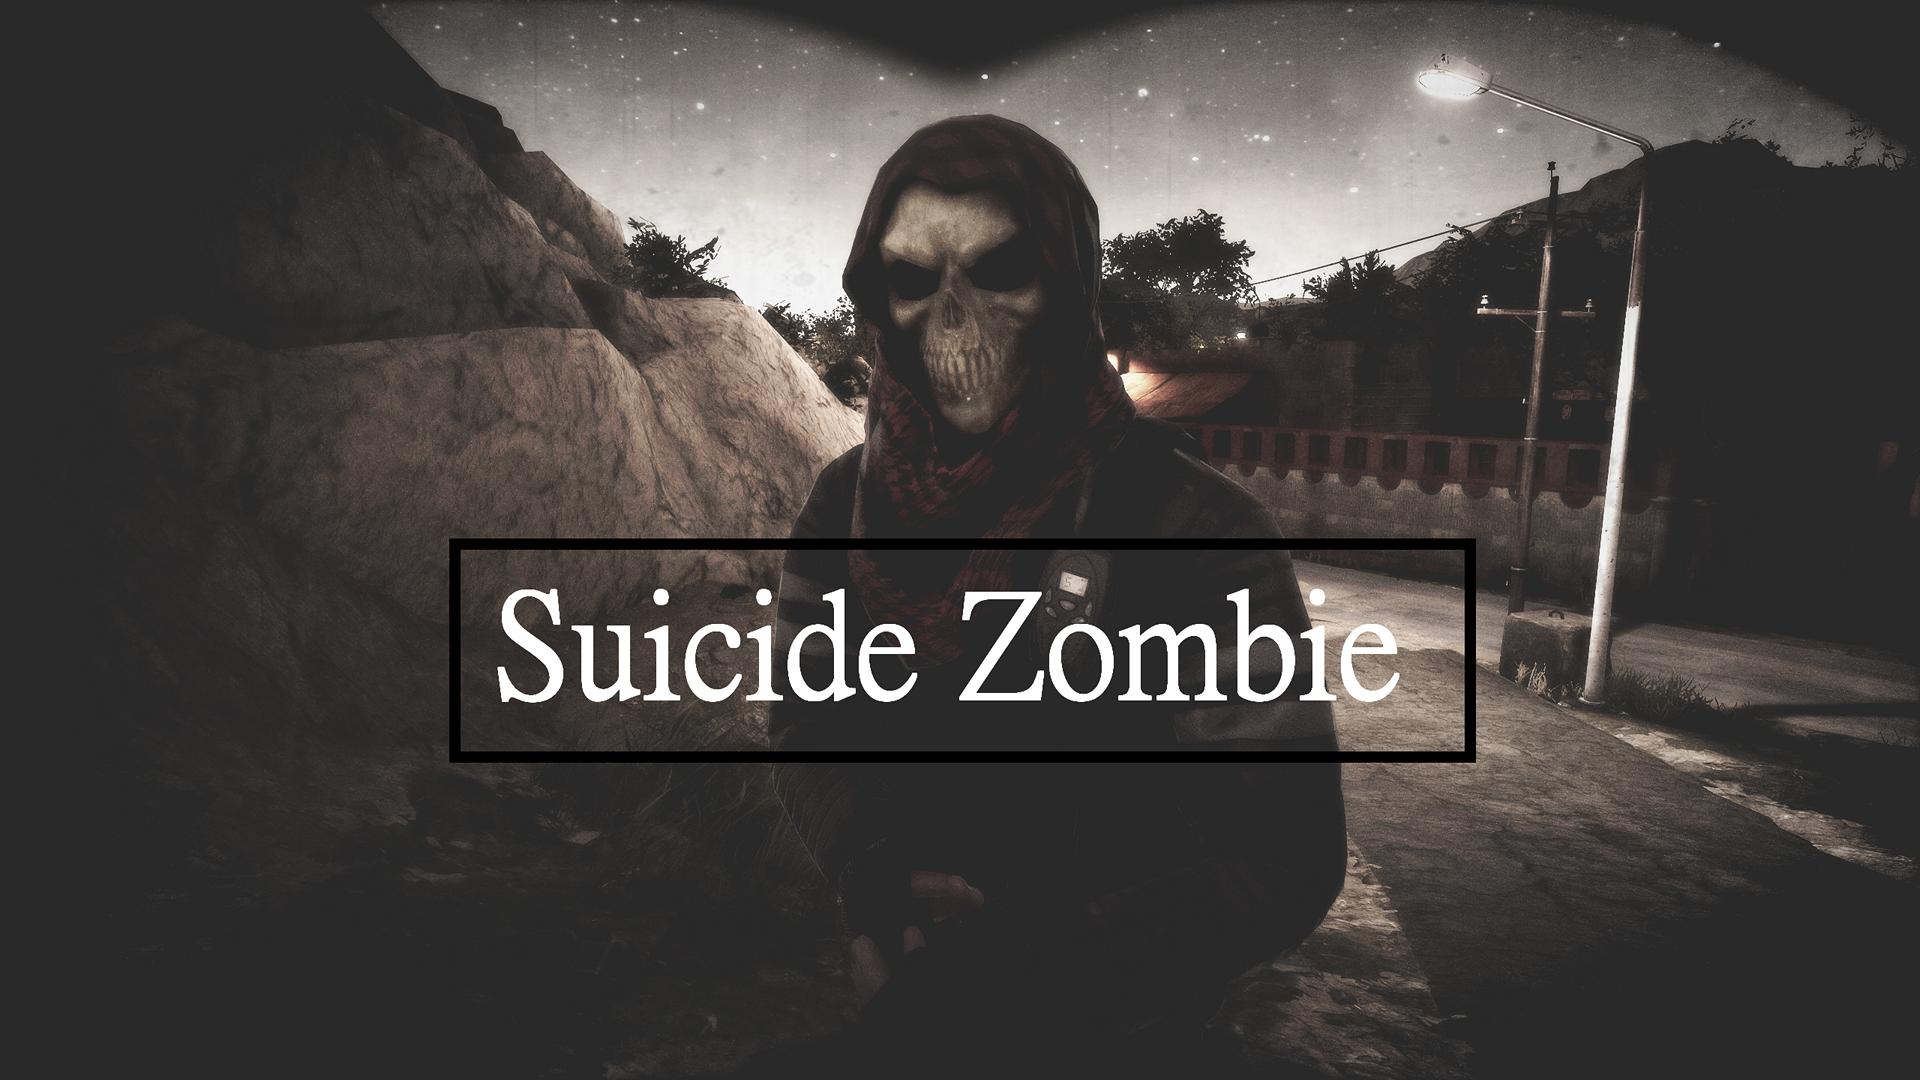 suicidezombie